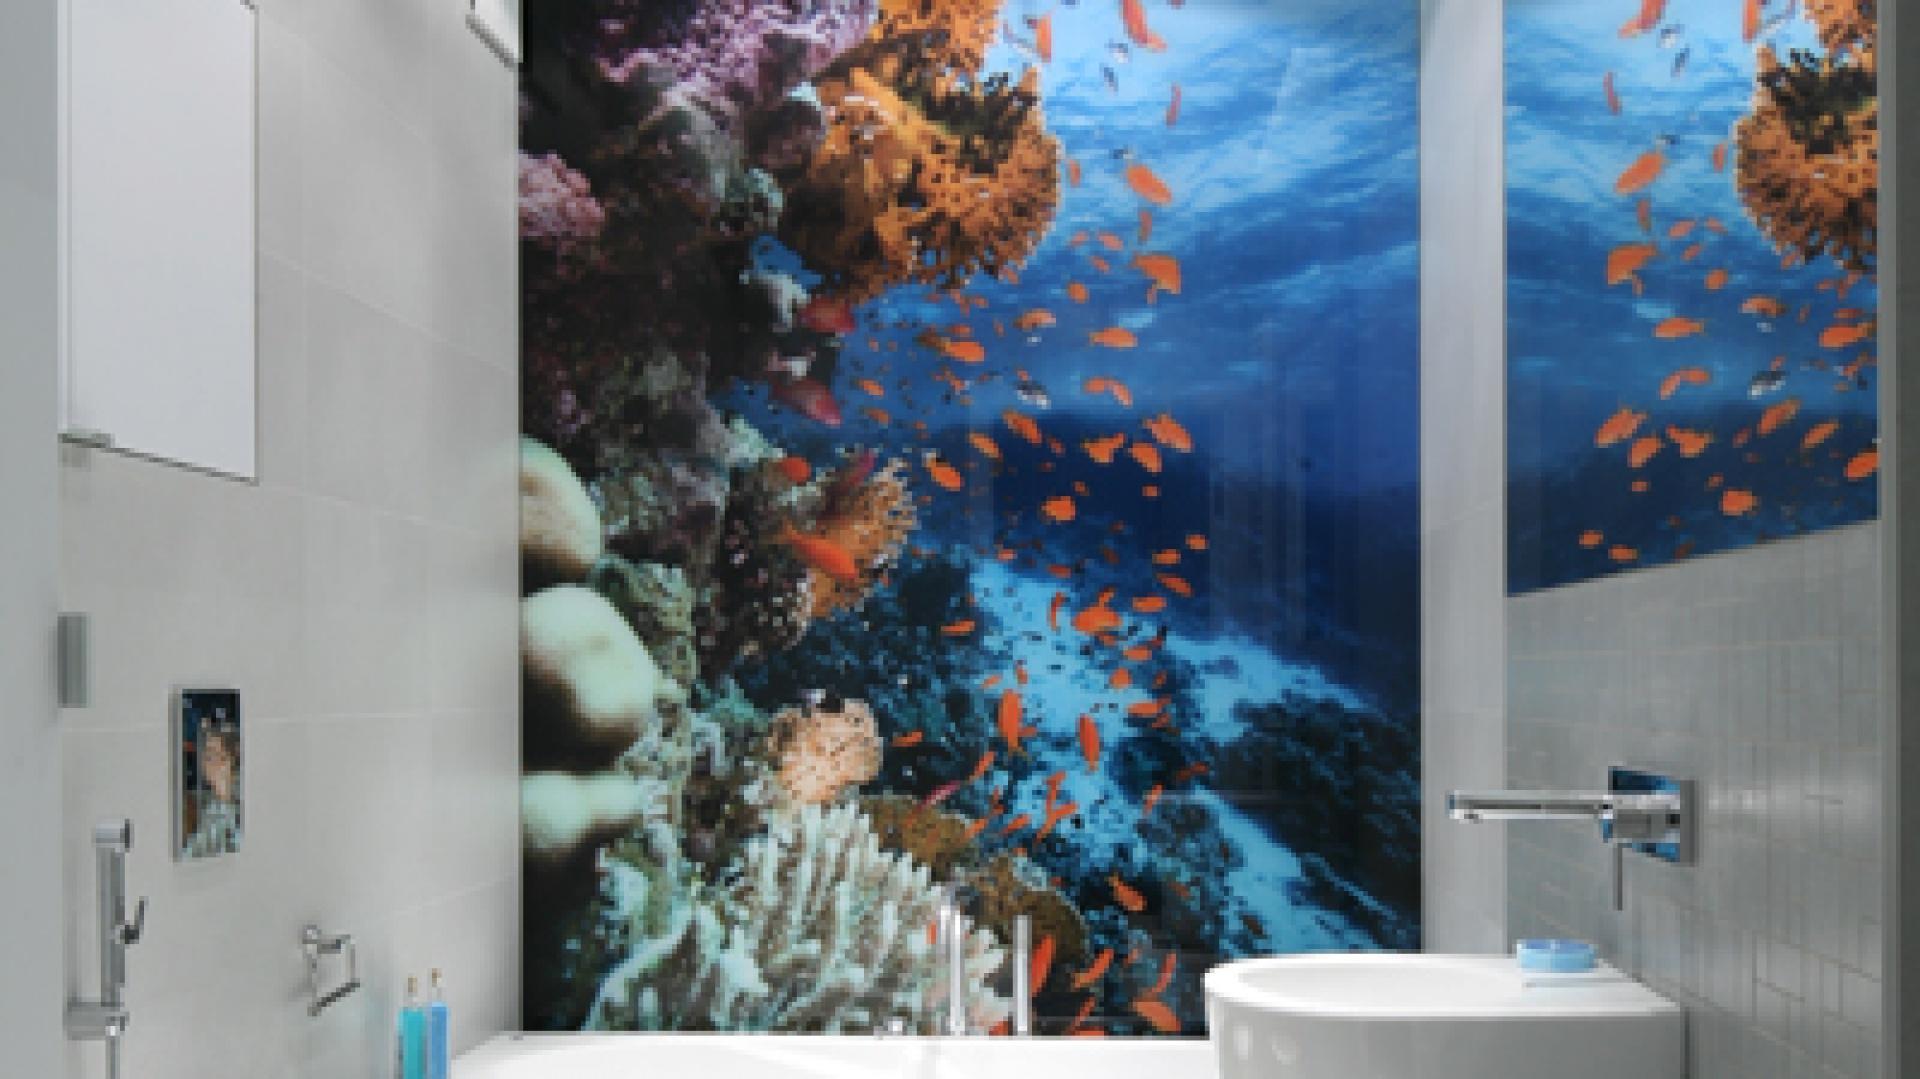 """Stonowane odcienie szarości są tłem dla najważniejszego elementu łazienki – zdjęcia rafy koralowej, która odbijając się w lustrze, dodatkowo potęguje efekt głębi. Płytki na podłodze i mozaika przy umywalce – NordCeram """"Gemini Grau"""", na ścianie – Rako """"Sandstone Plus Lappato"""". Fot. Bartosz Jarosz."""